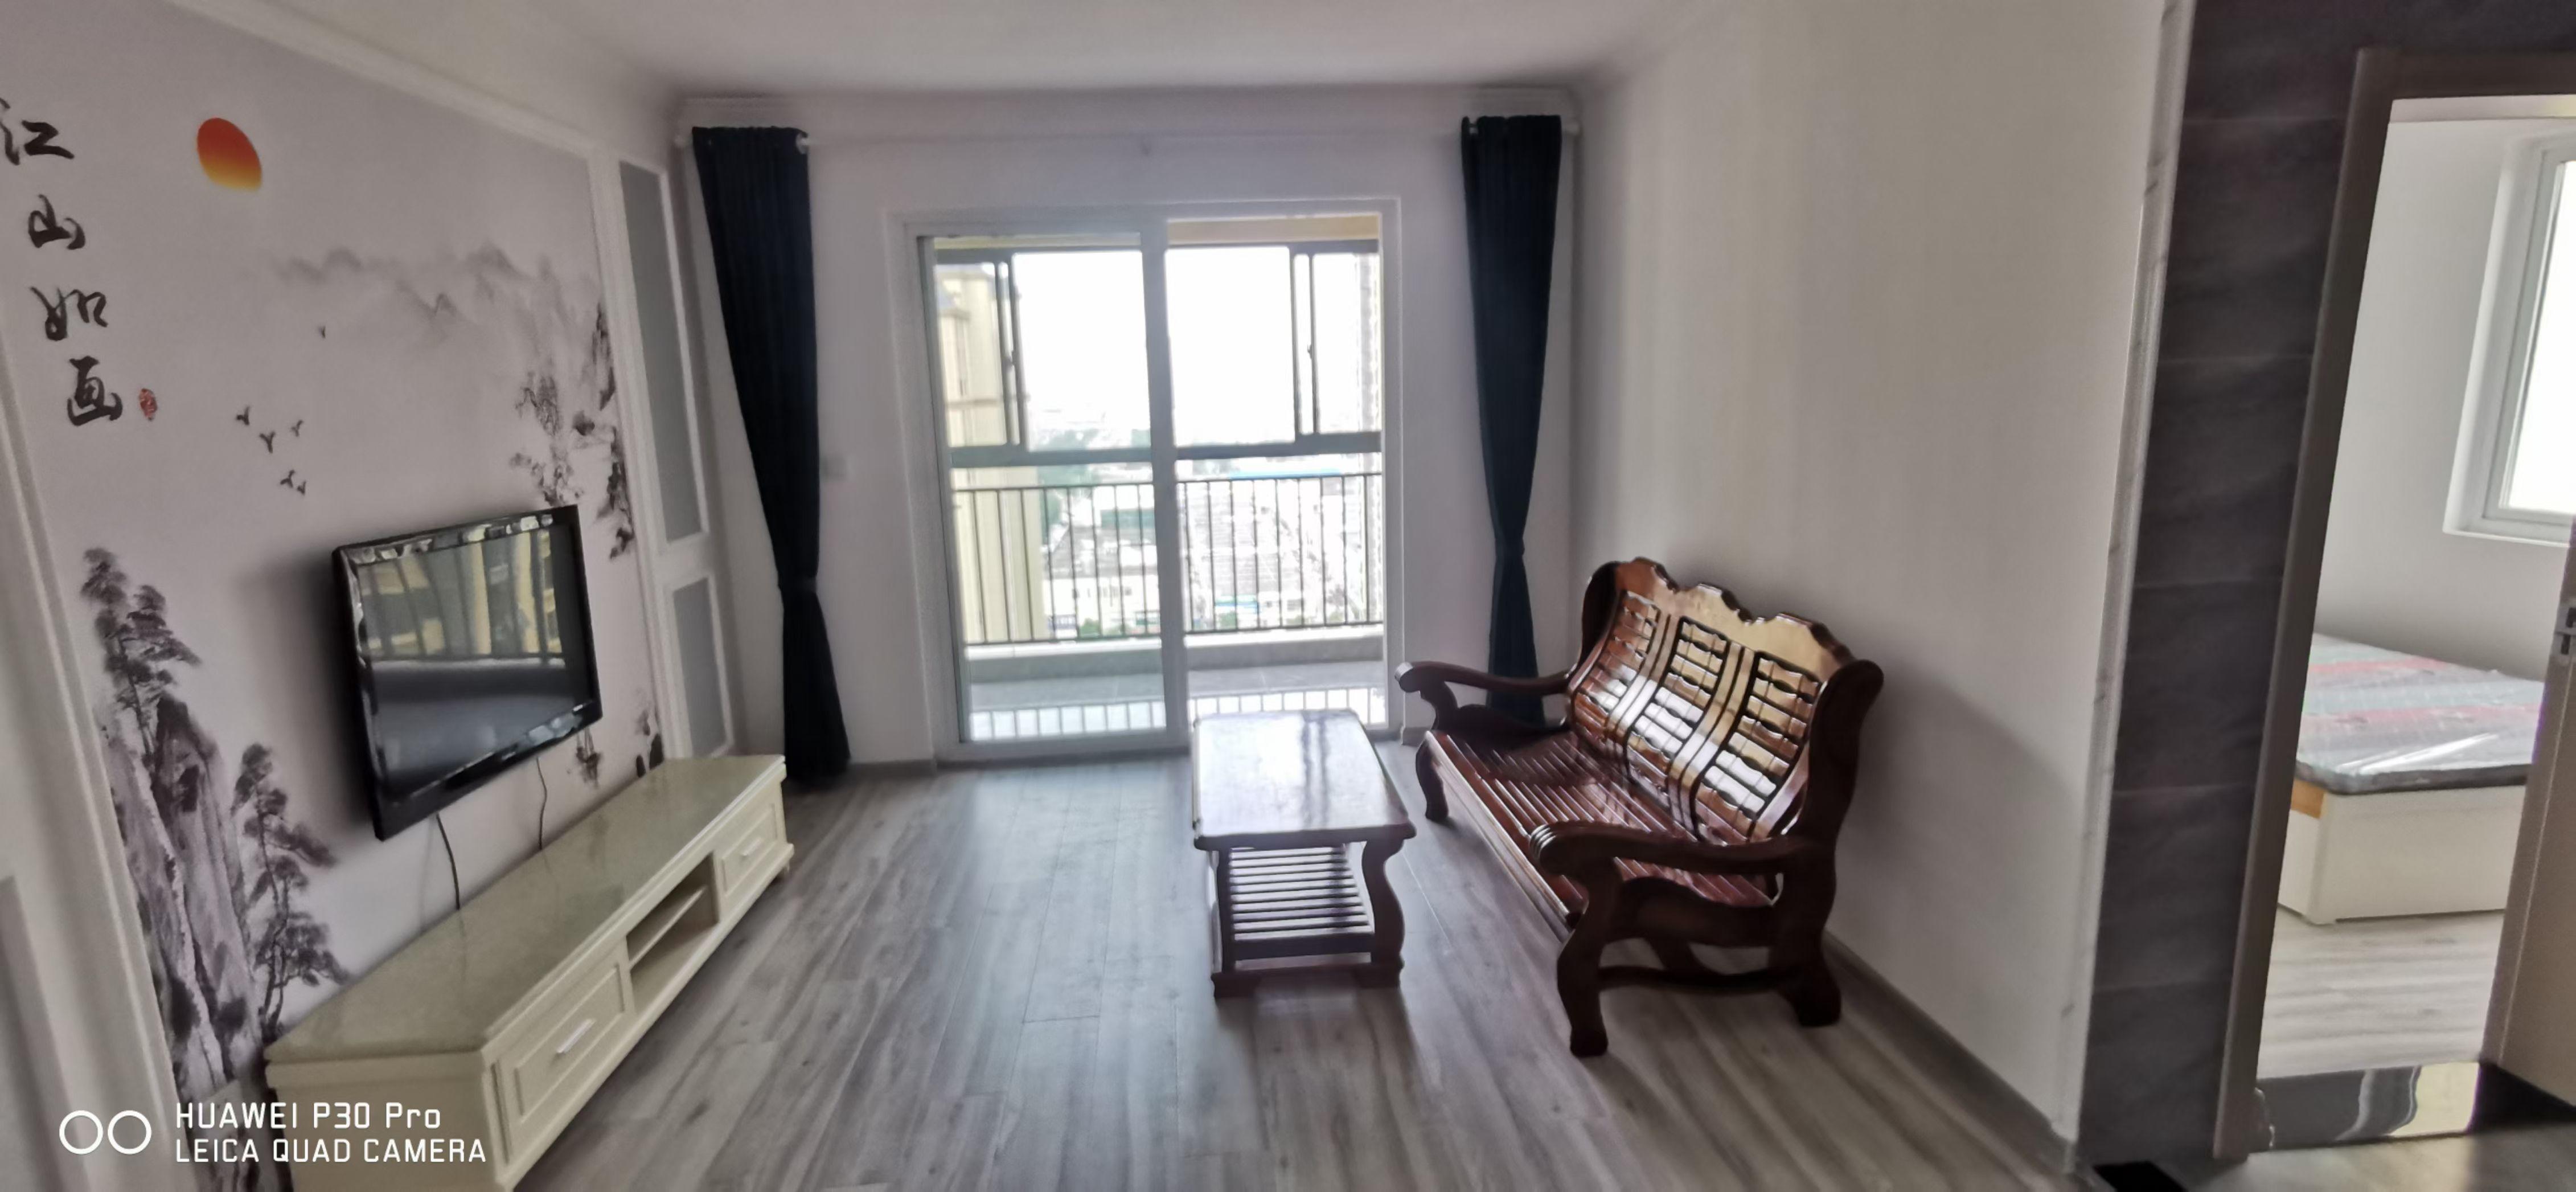 盛宇湖畔 多層3樓 精裝2房 1250月租